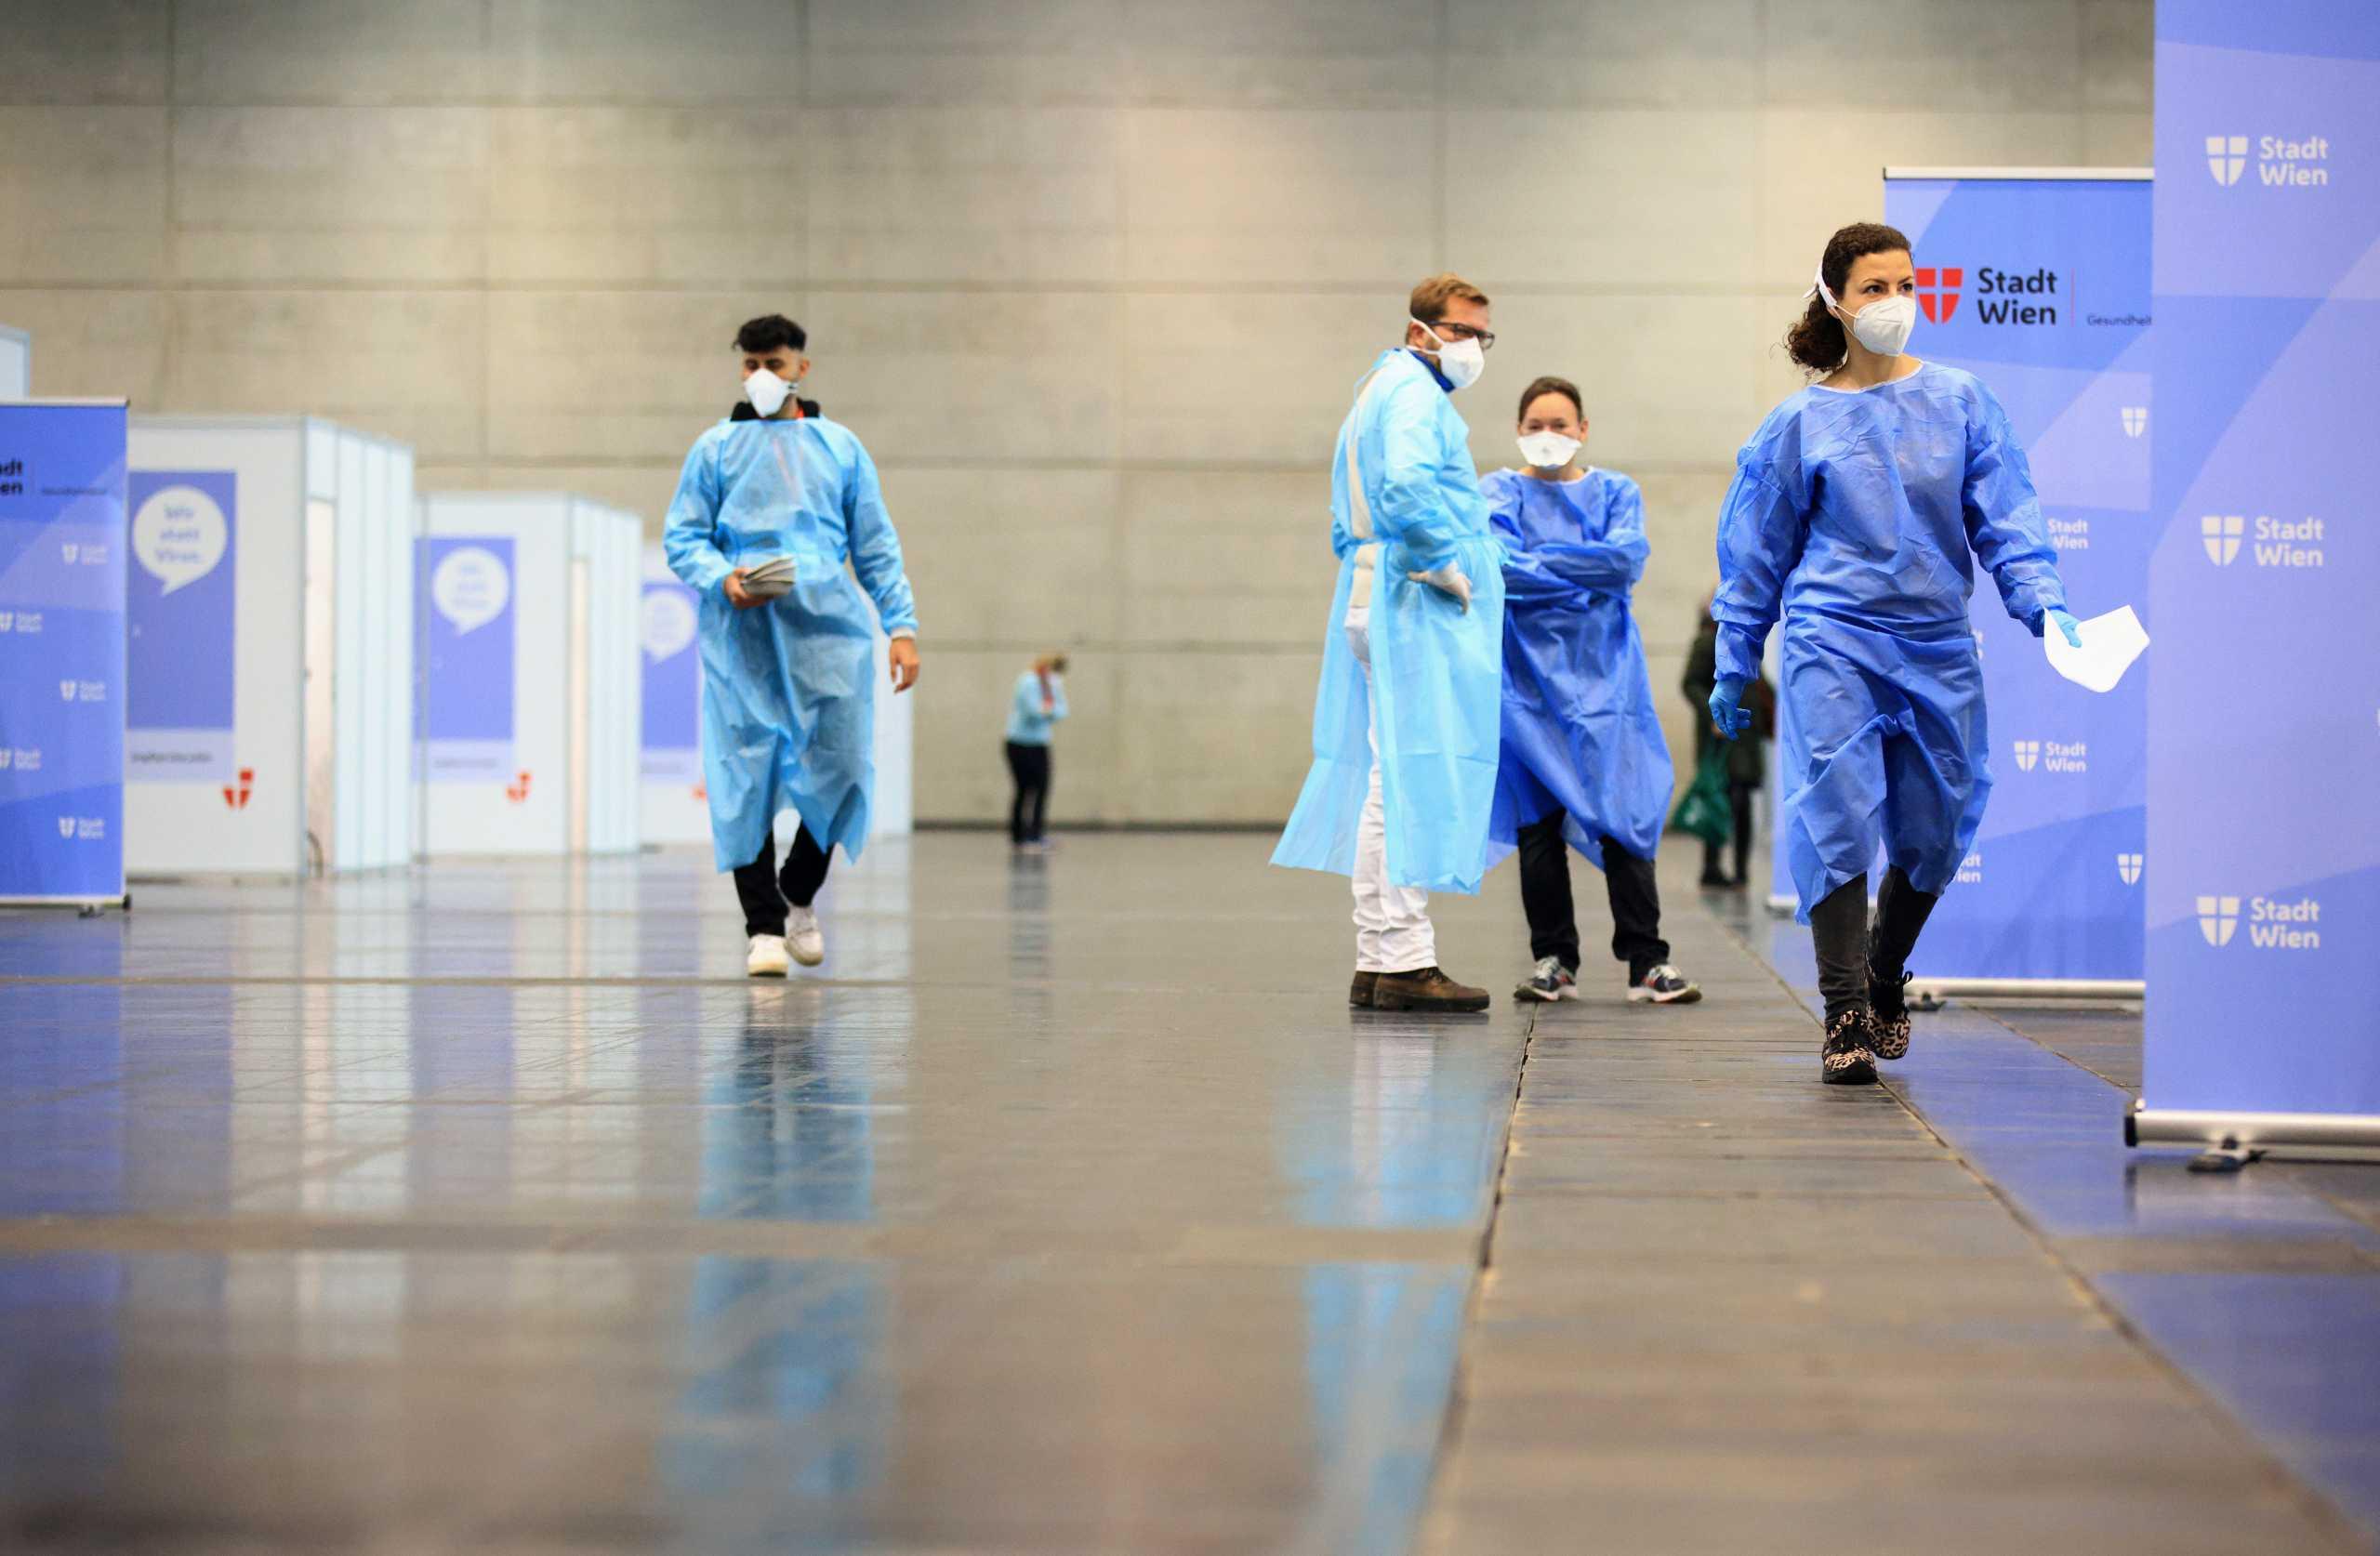 Κορονοϊός – Αυστρία: Ανεμβολίαστοι το 96% των ασθενών στις ΜΕΘ